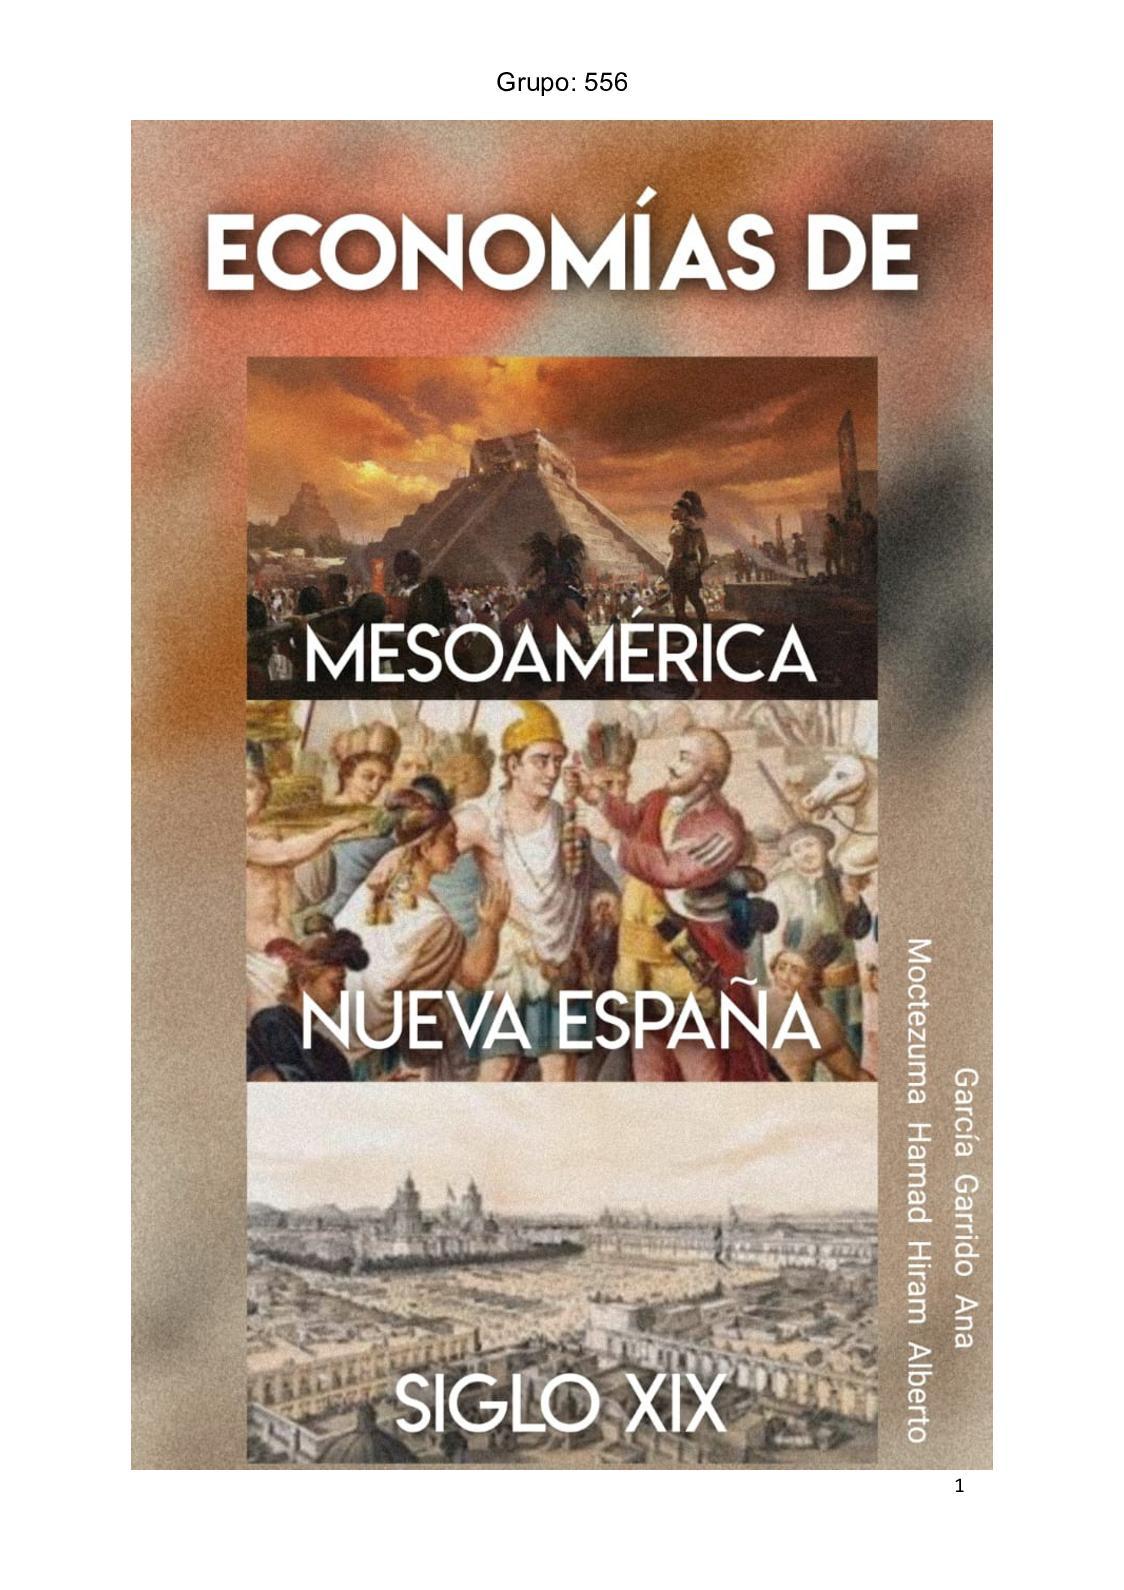 Calaméo Economía De Mesoamérica Nueva España Y Siglo Xix